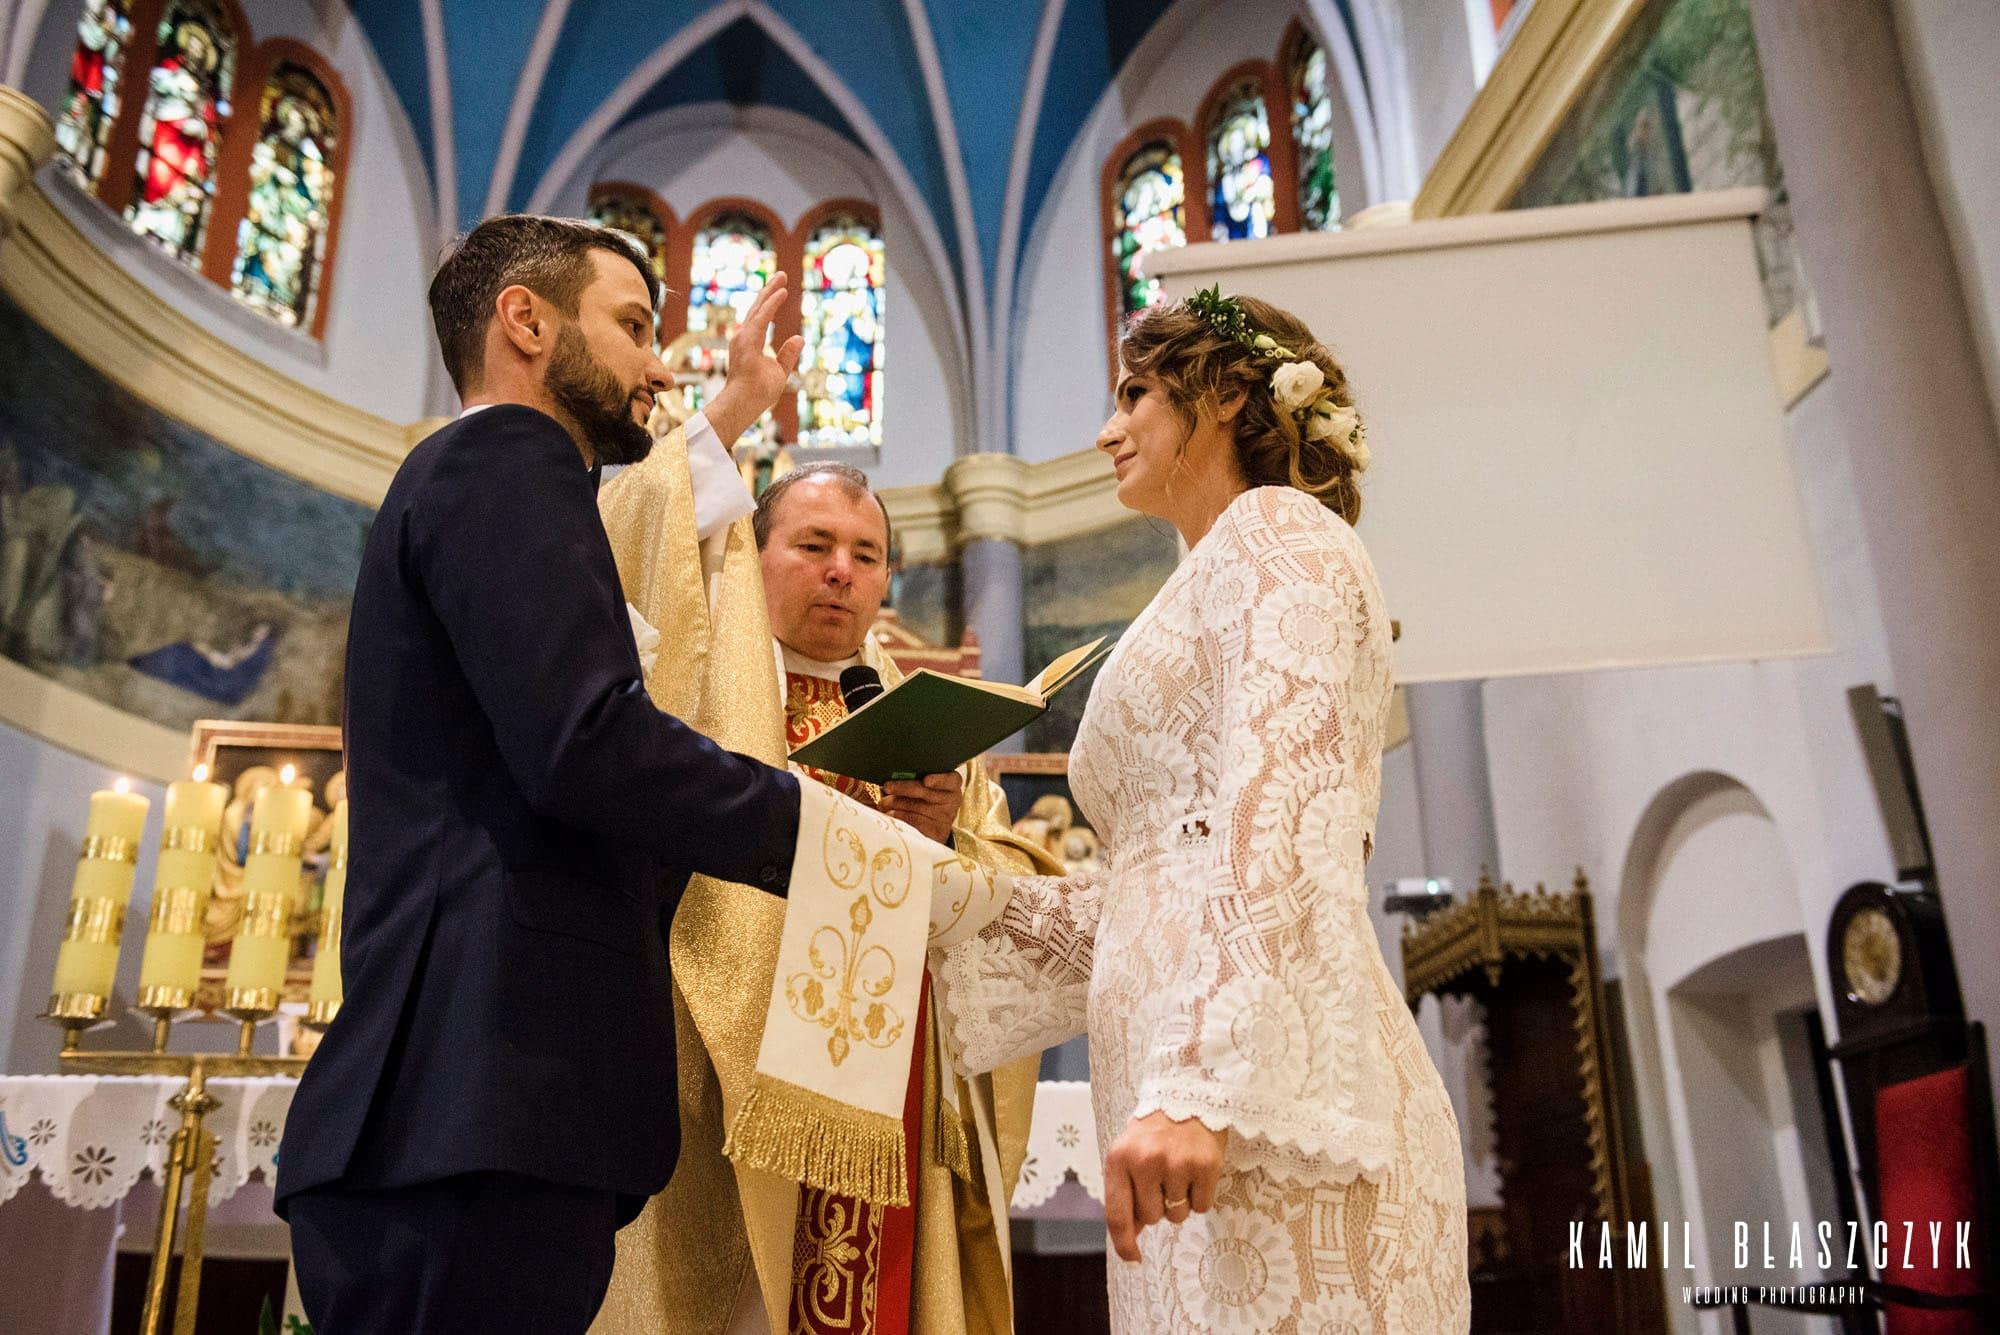 Przysięga małżeńska Pawła i Marzenki podczas ślubu w Olsztynie